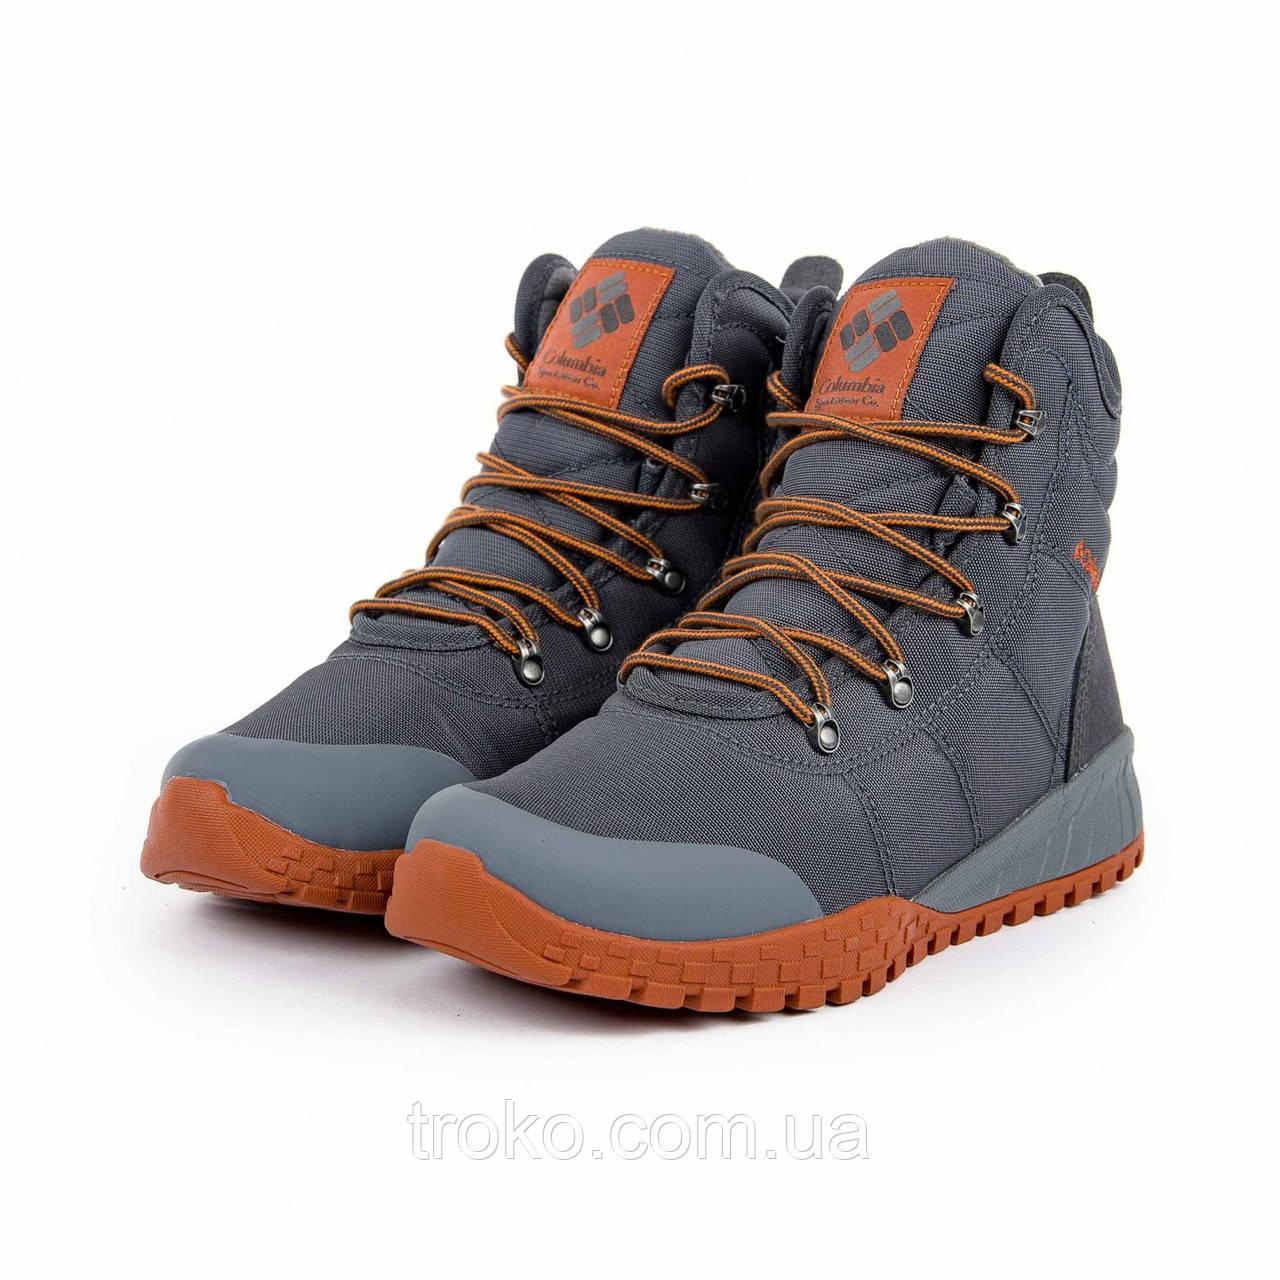 Мужские ботинки Columbia Fairbanks Omni-Heat BM2806-053 (Оригинал ... 59a2c7f791a60